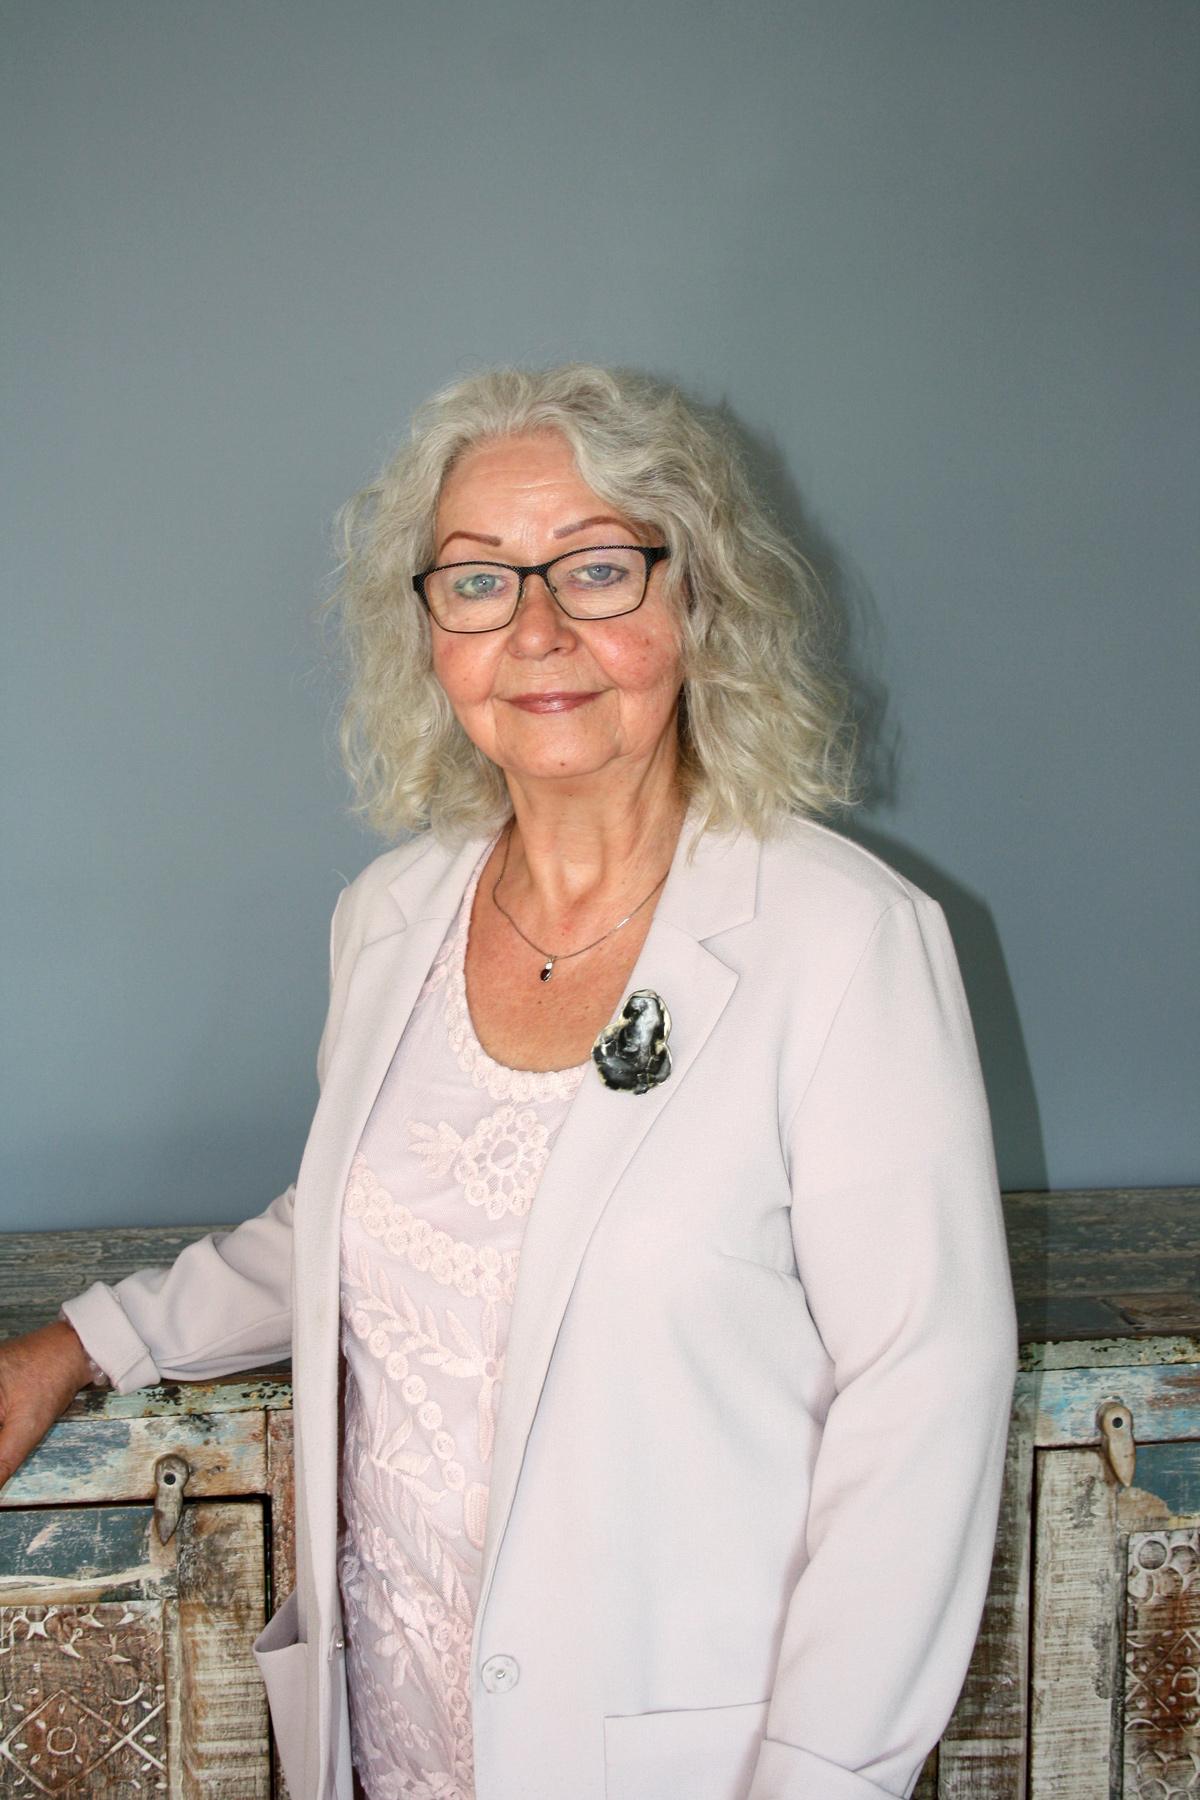 Brigitte Klara Glöckner - Heilpraktikerin in Kassel